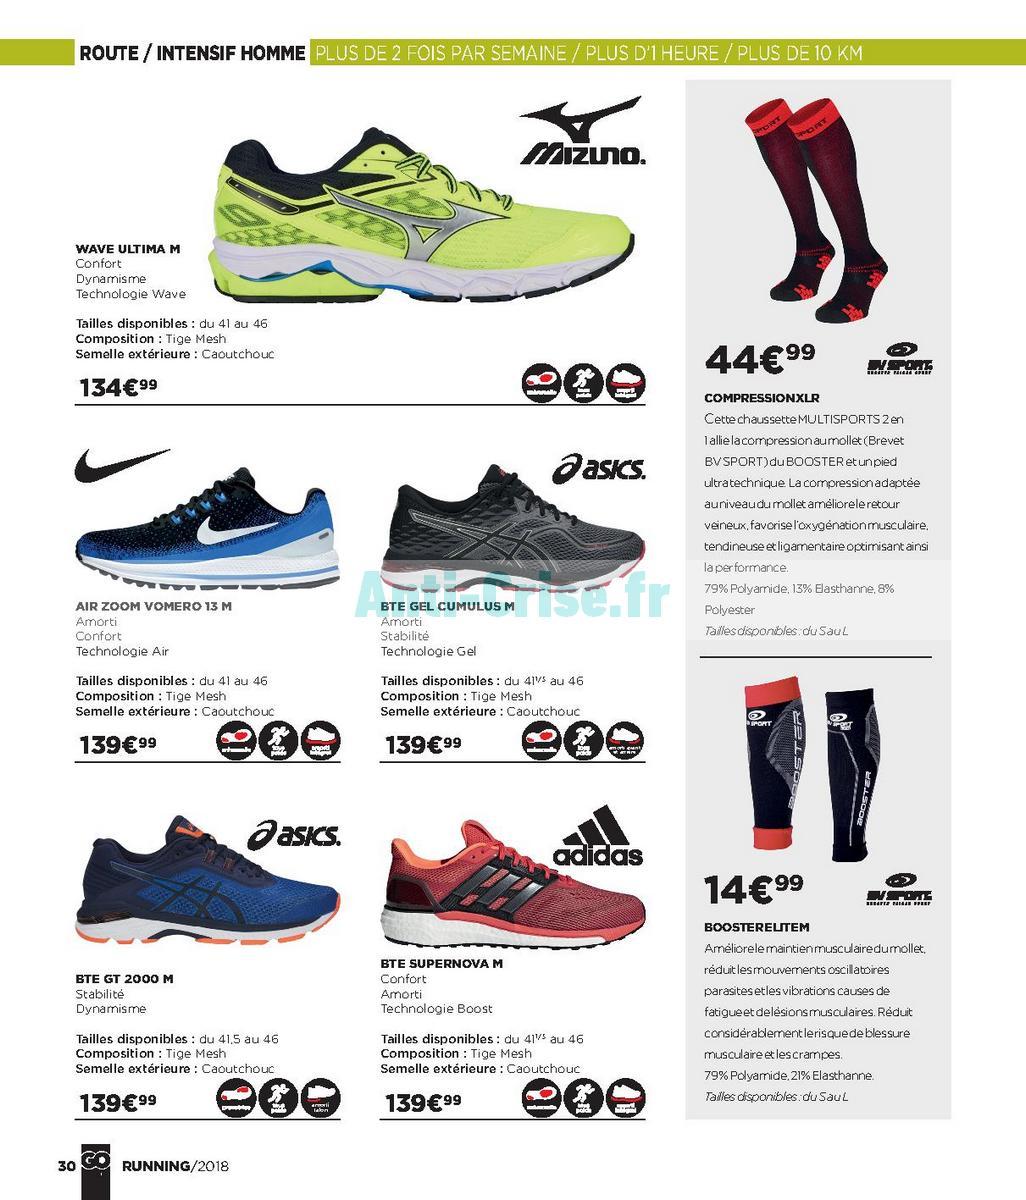 septembre2018 Catalogue Go Sport du 28 avril au 21 septembre 2018 (Running) (30)